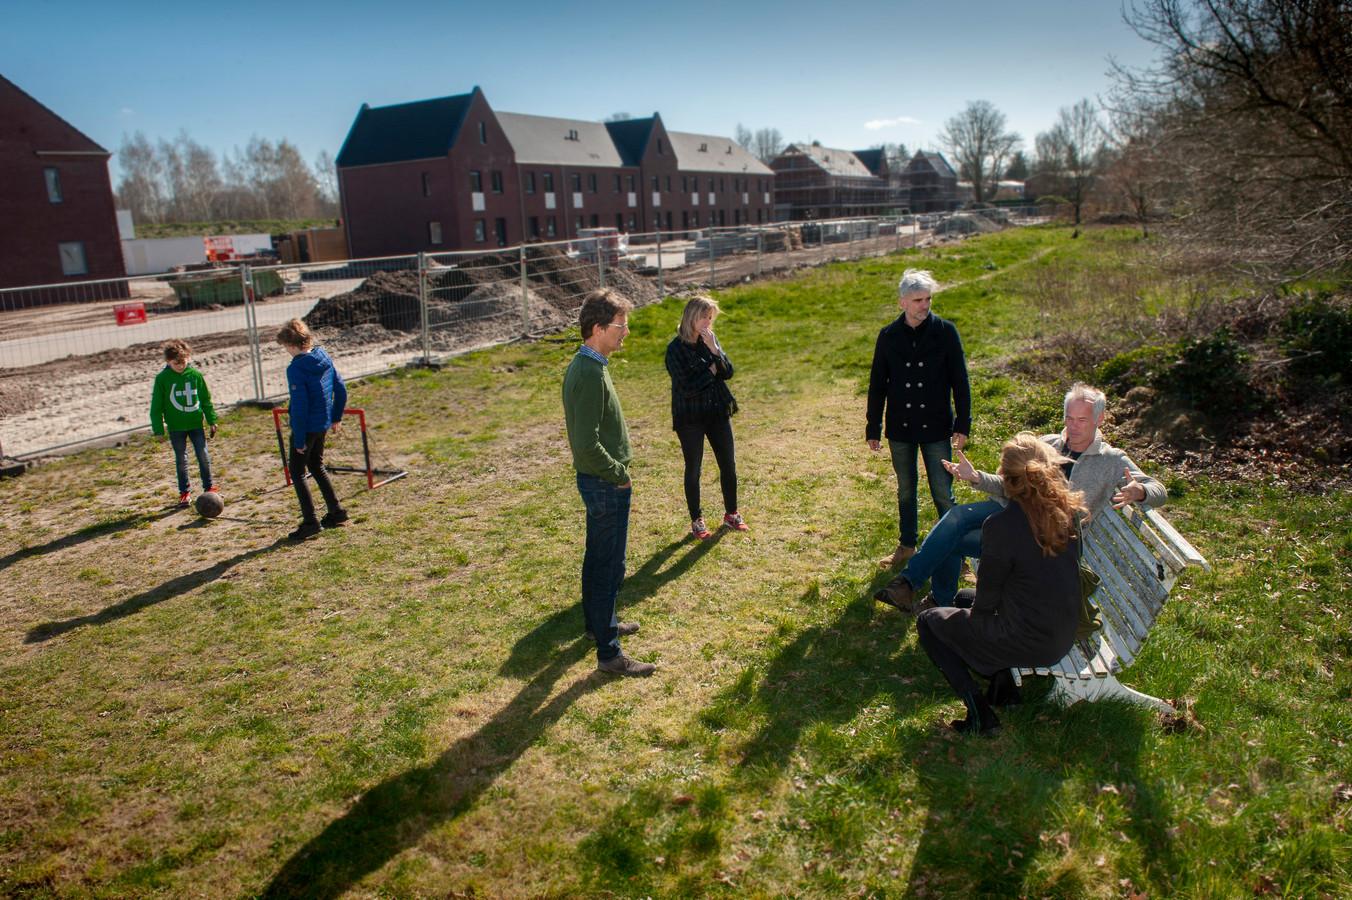 De bewoners van de Kampdijklaan en omgeving voelen zich door de gemeente Vught voor de gek gehouden. Het plan voor een 'dorpstuin' is gereduceerd tot een grasveld met wilde bloemen.